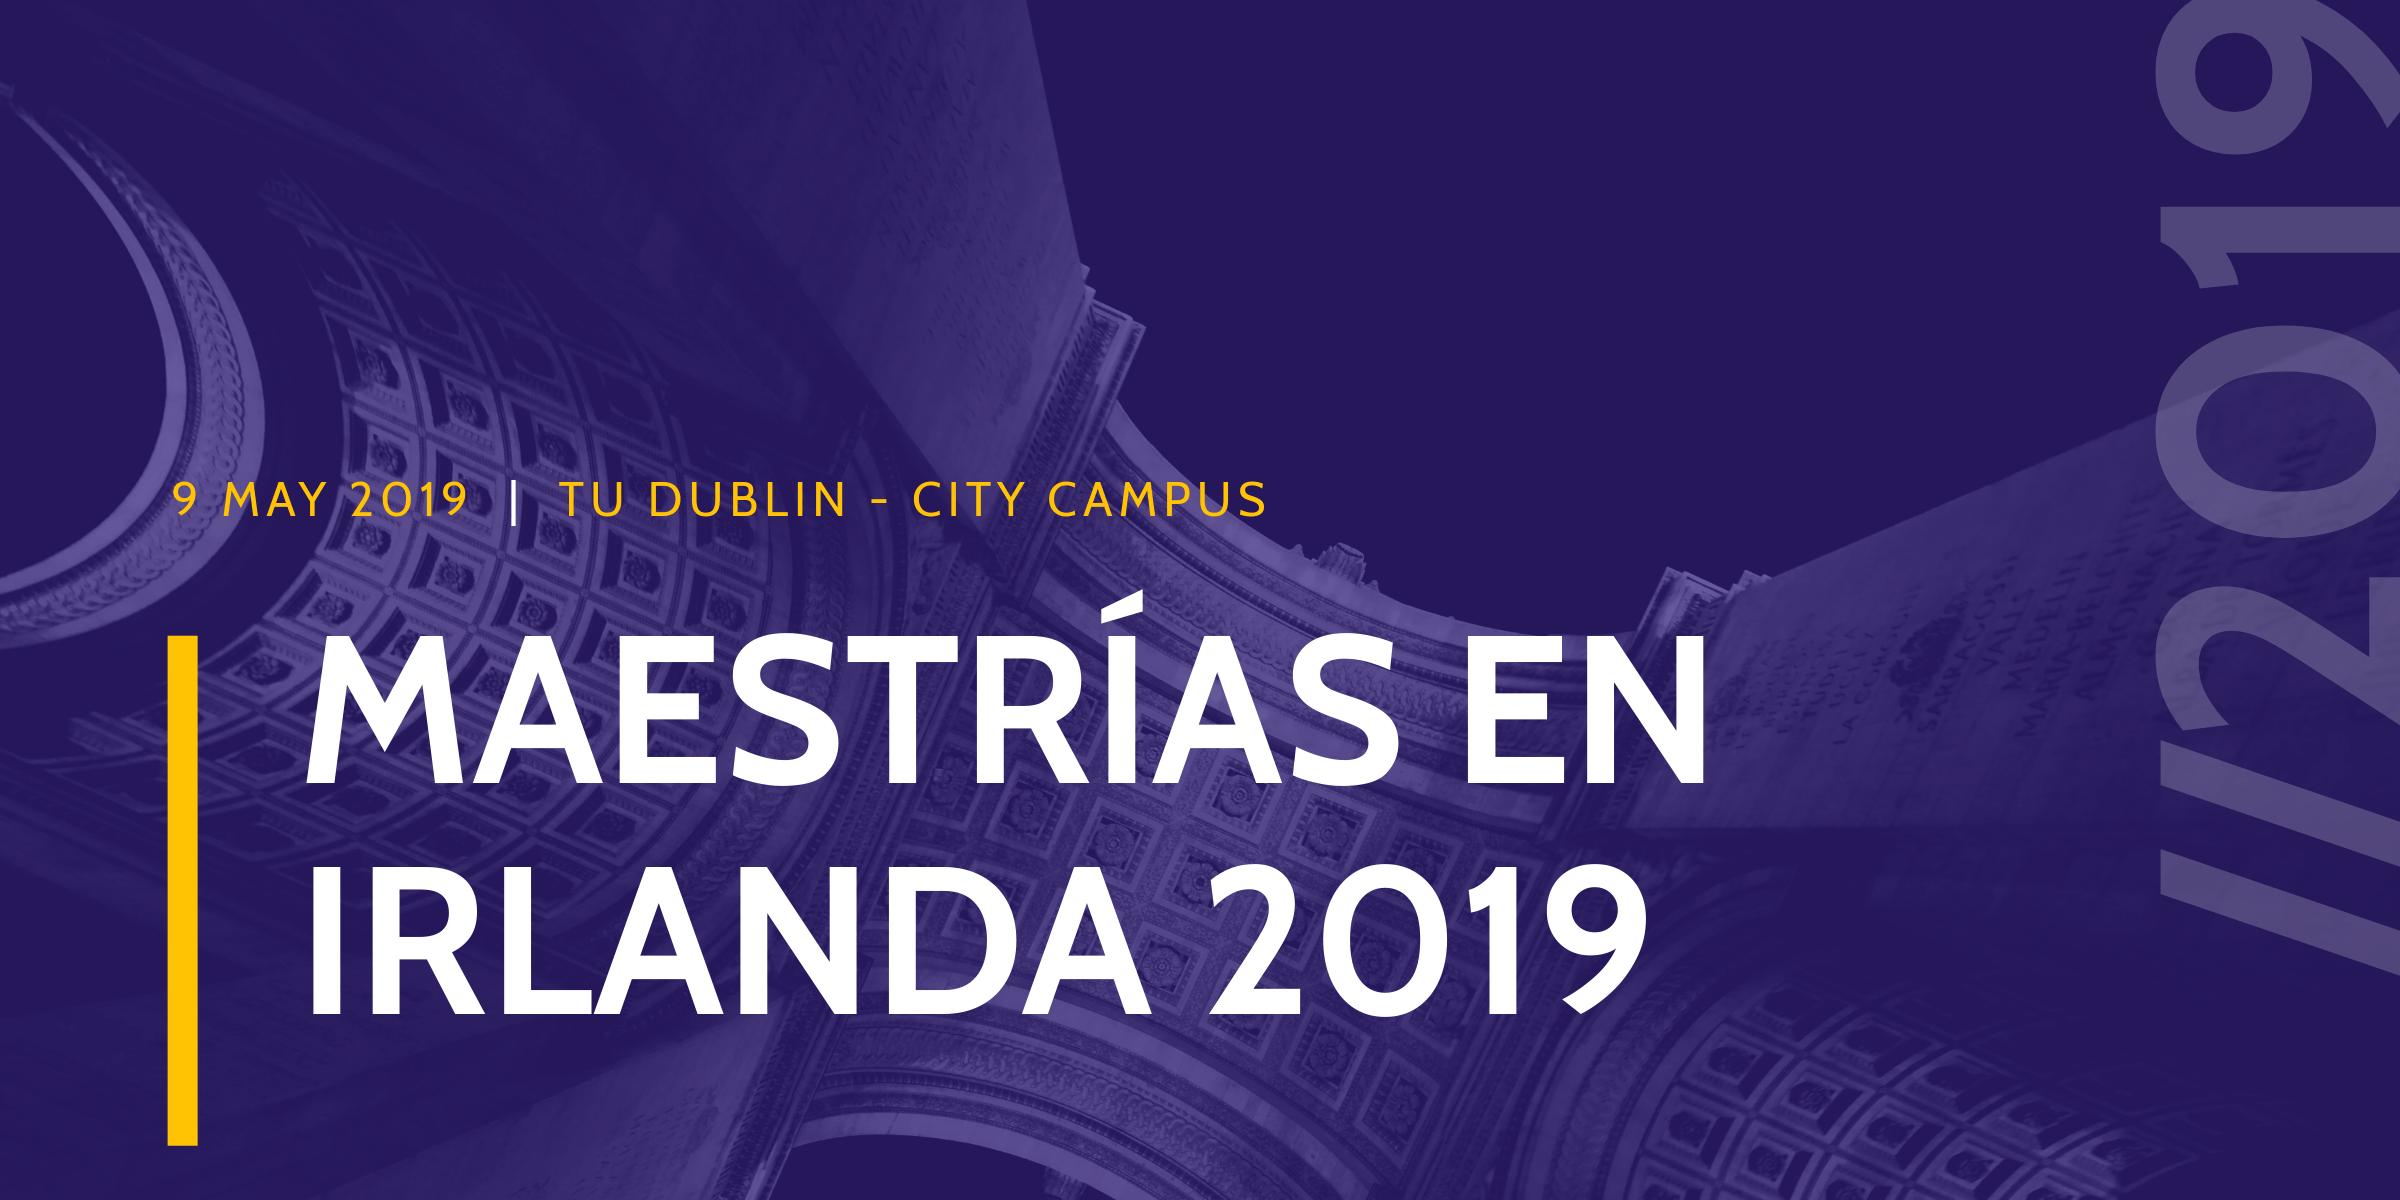 Maestrías en Irlanda 2019 - Master's Degrees in Ireland 2019